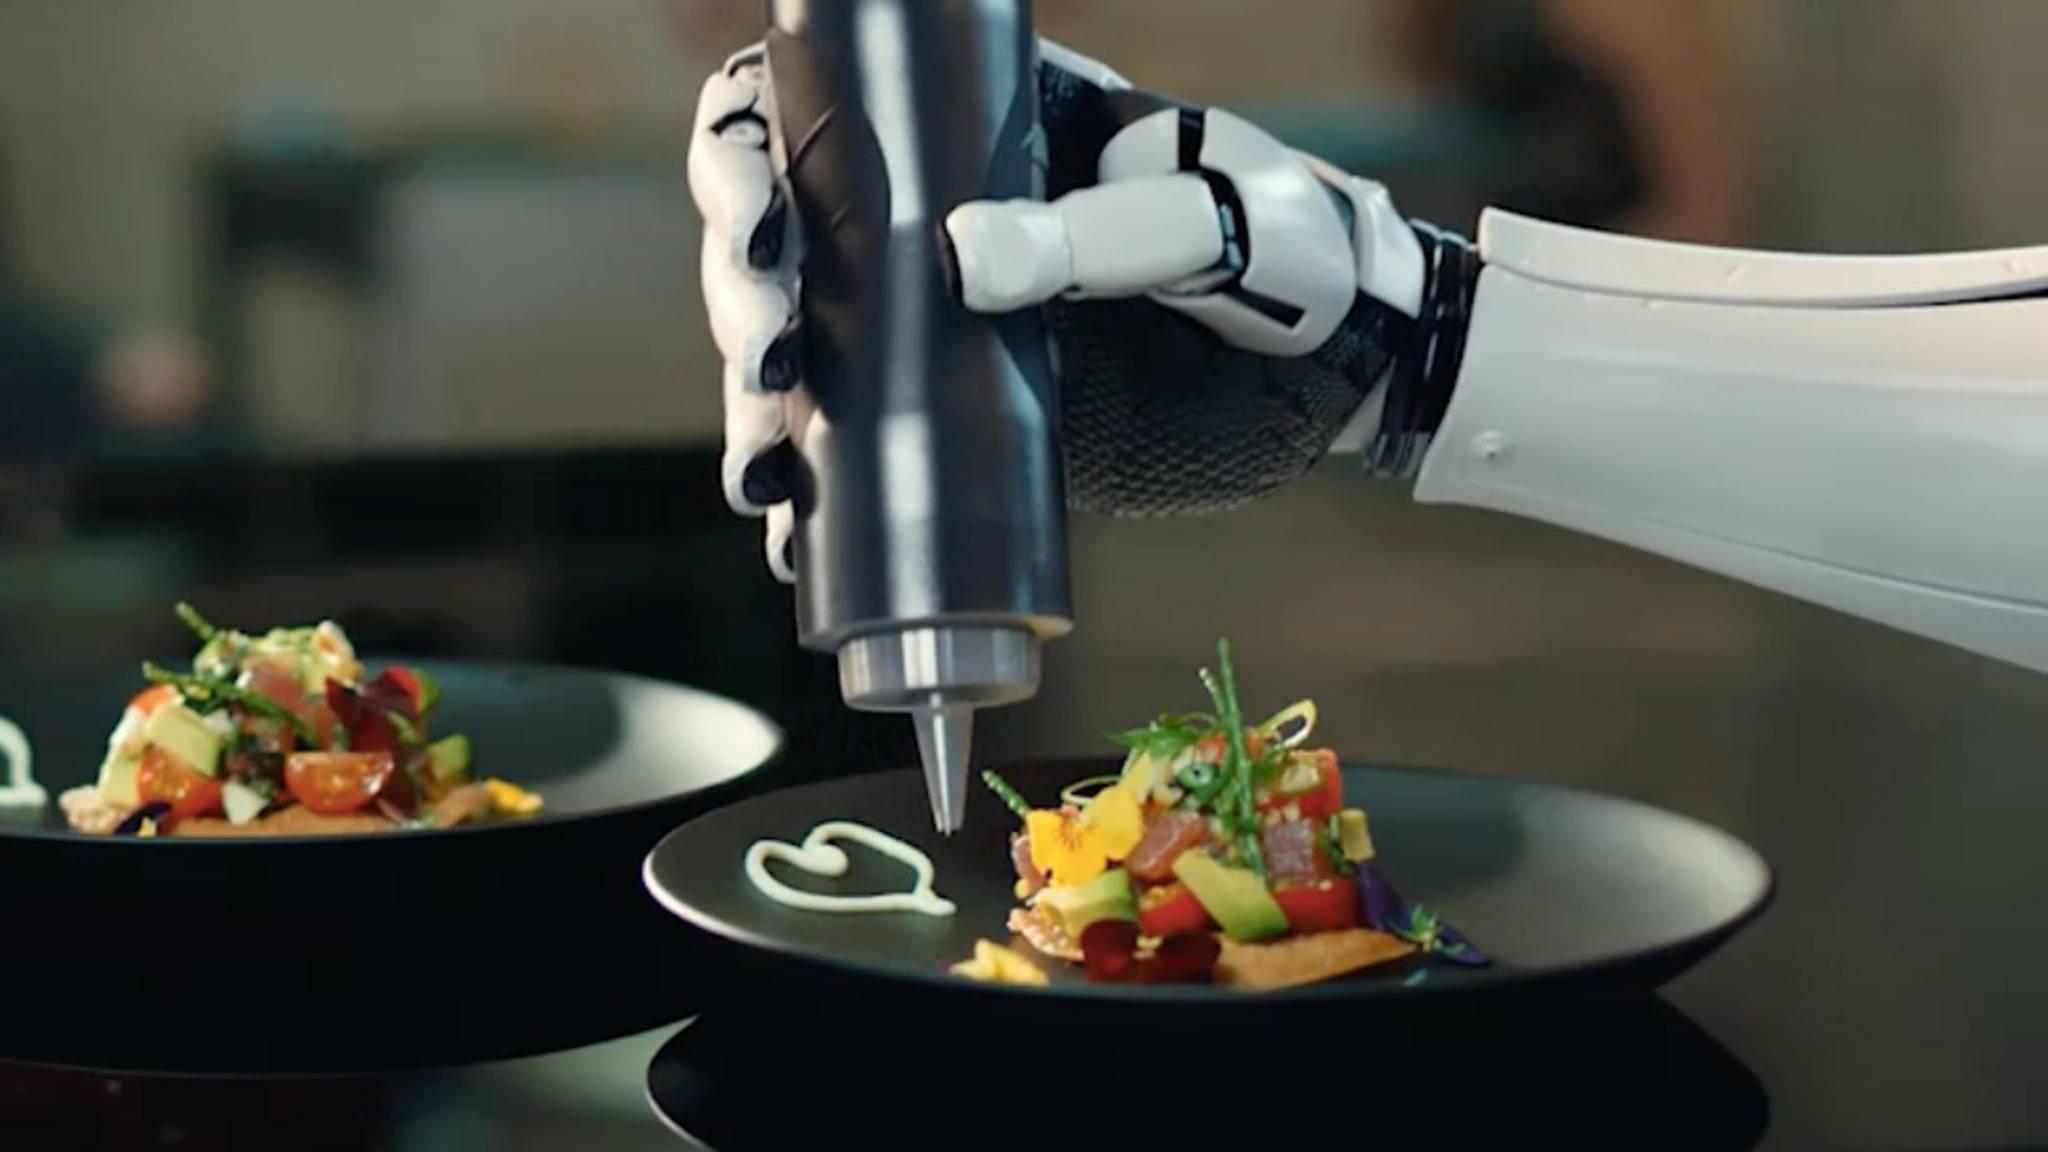 Wir wird die Küche der Zukunft aussehen?